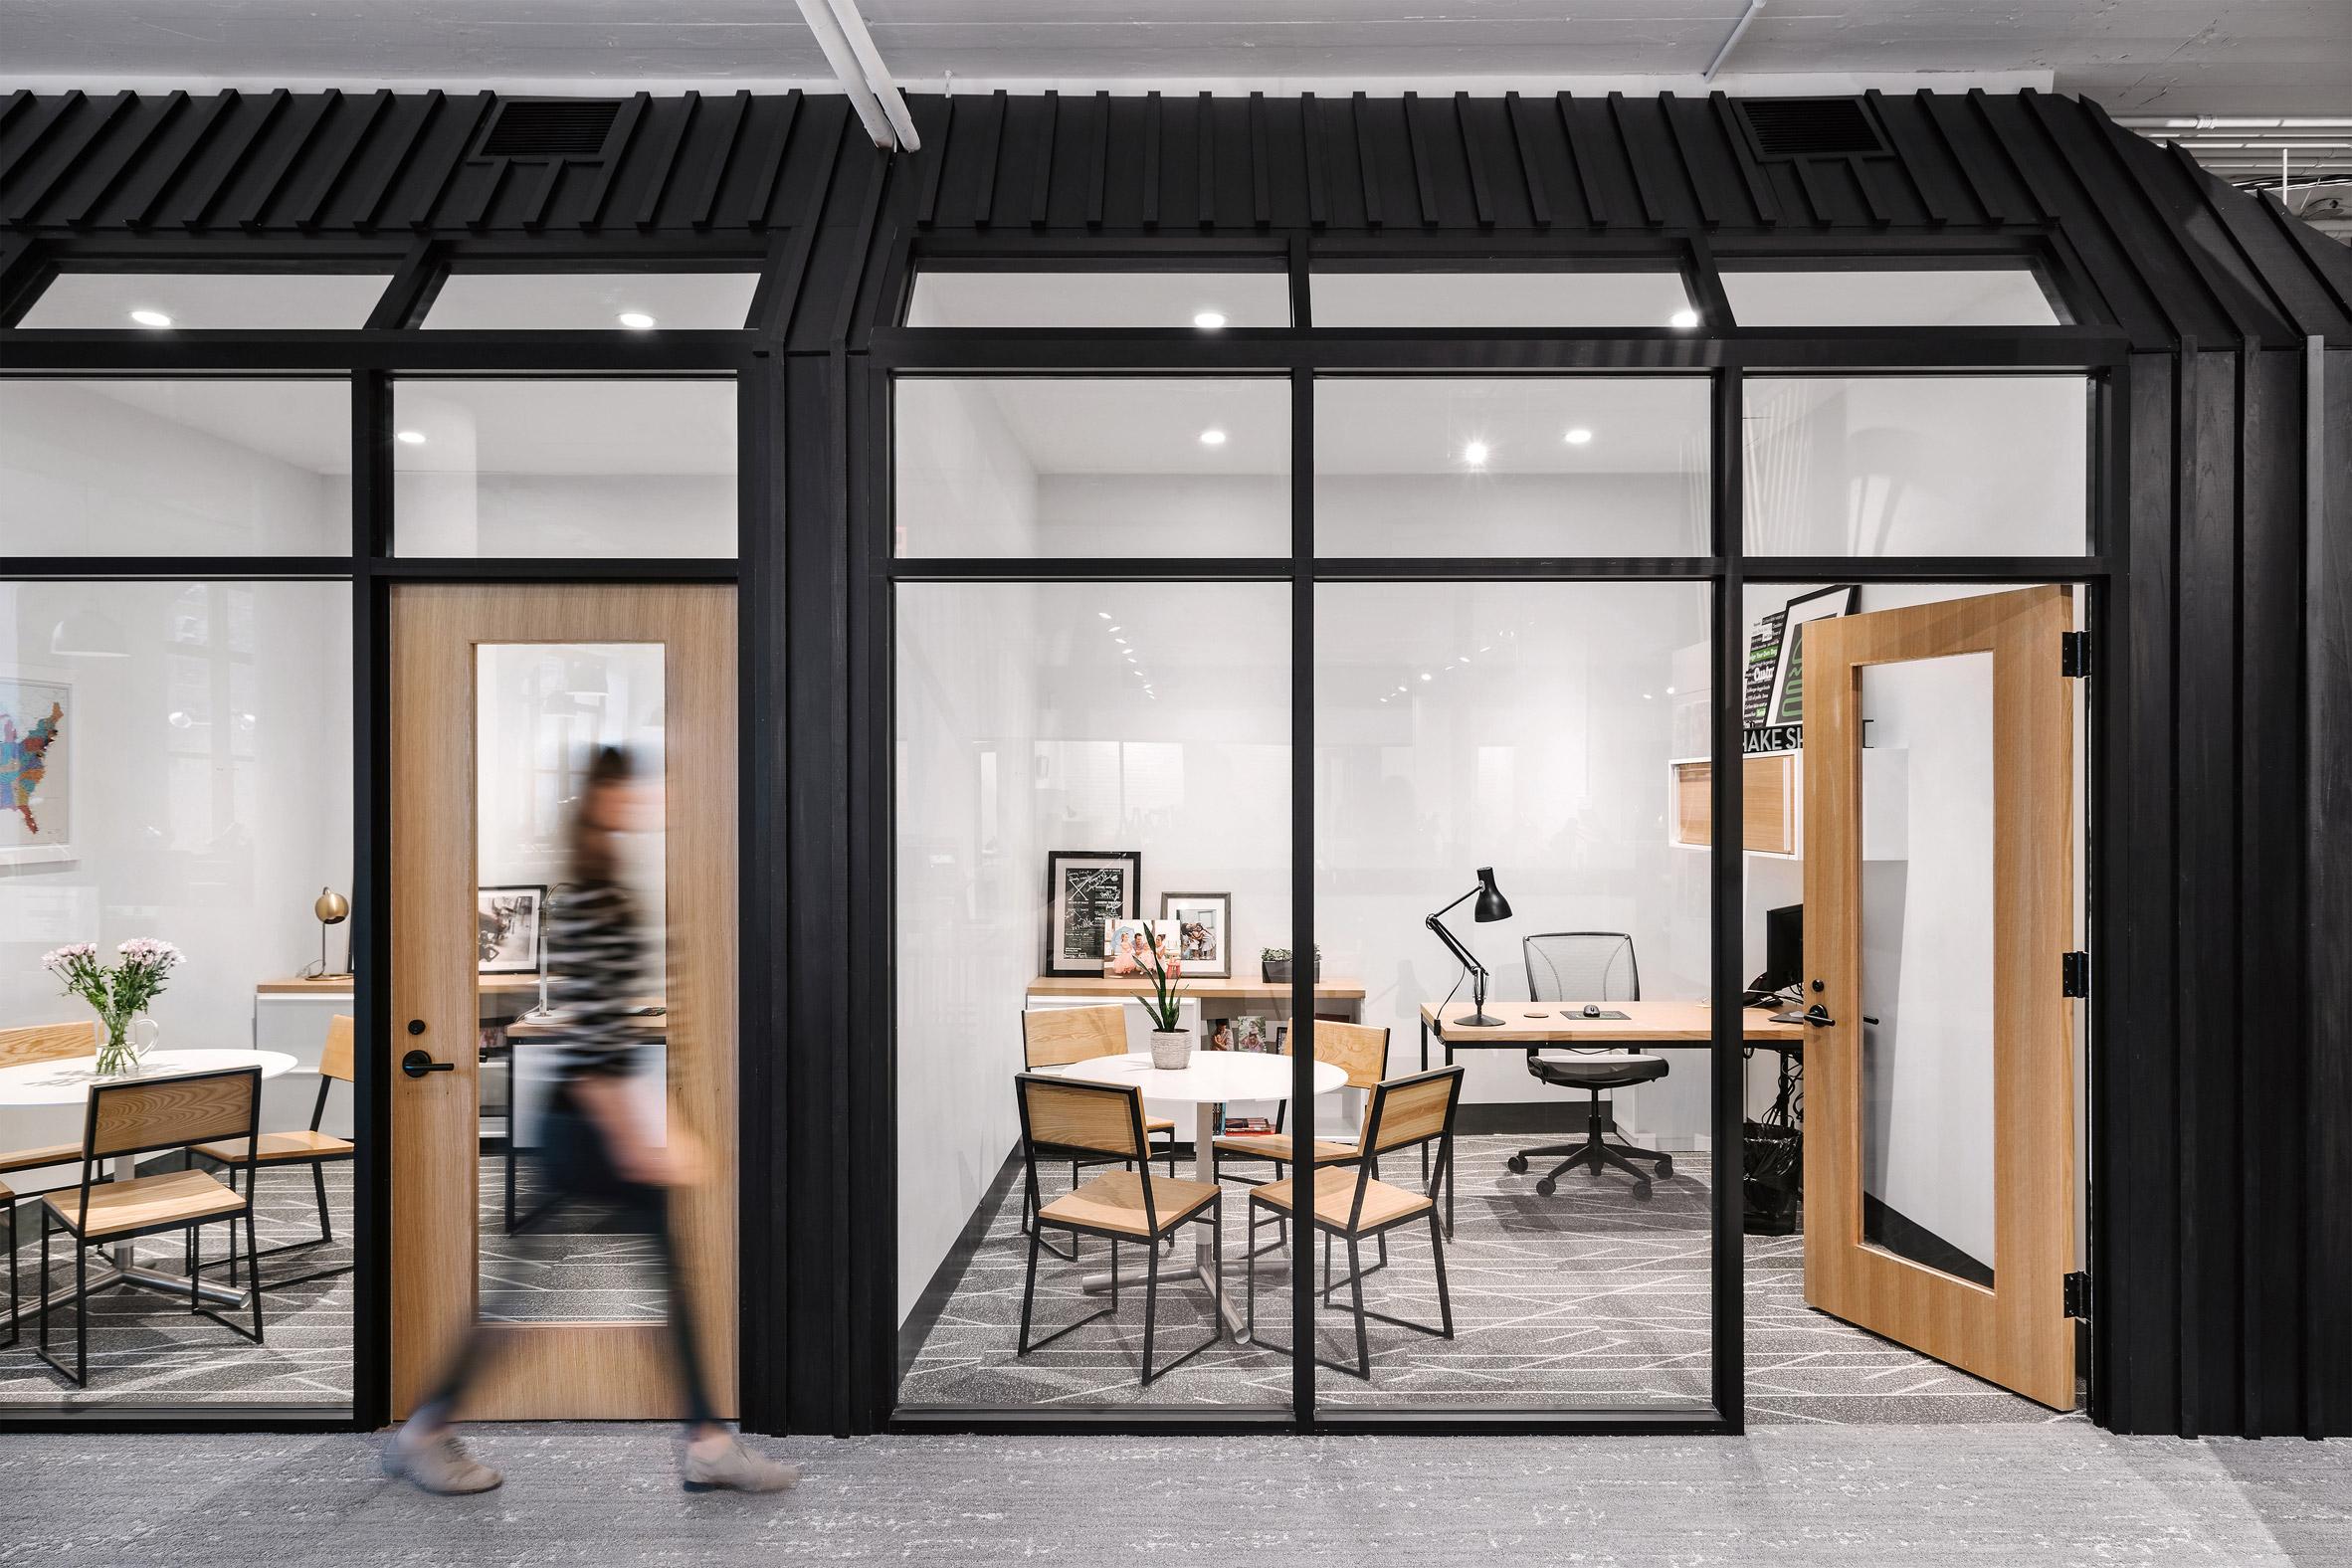 Thiết kế nội thất văn phòng cao cấp 6